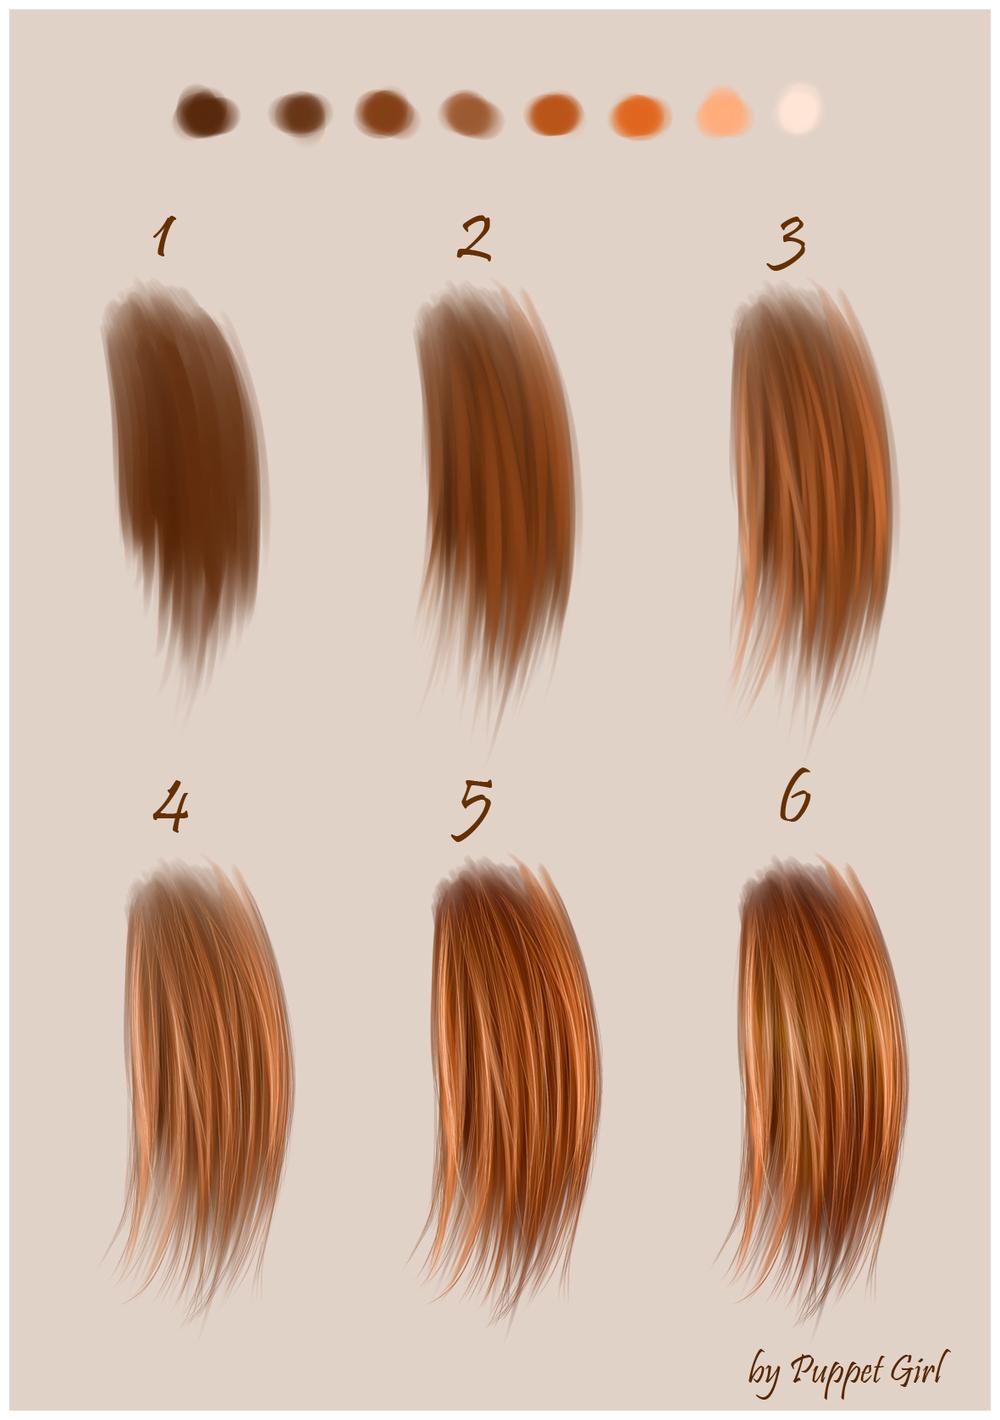 вживление волос в глину